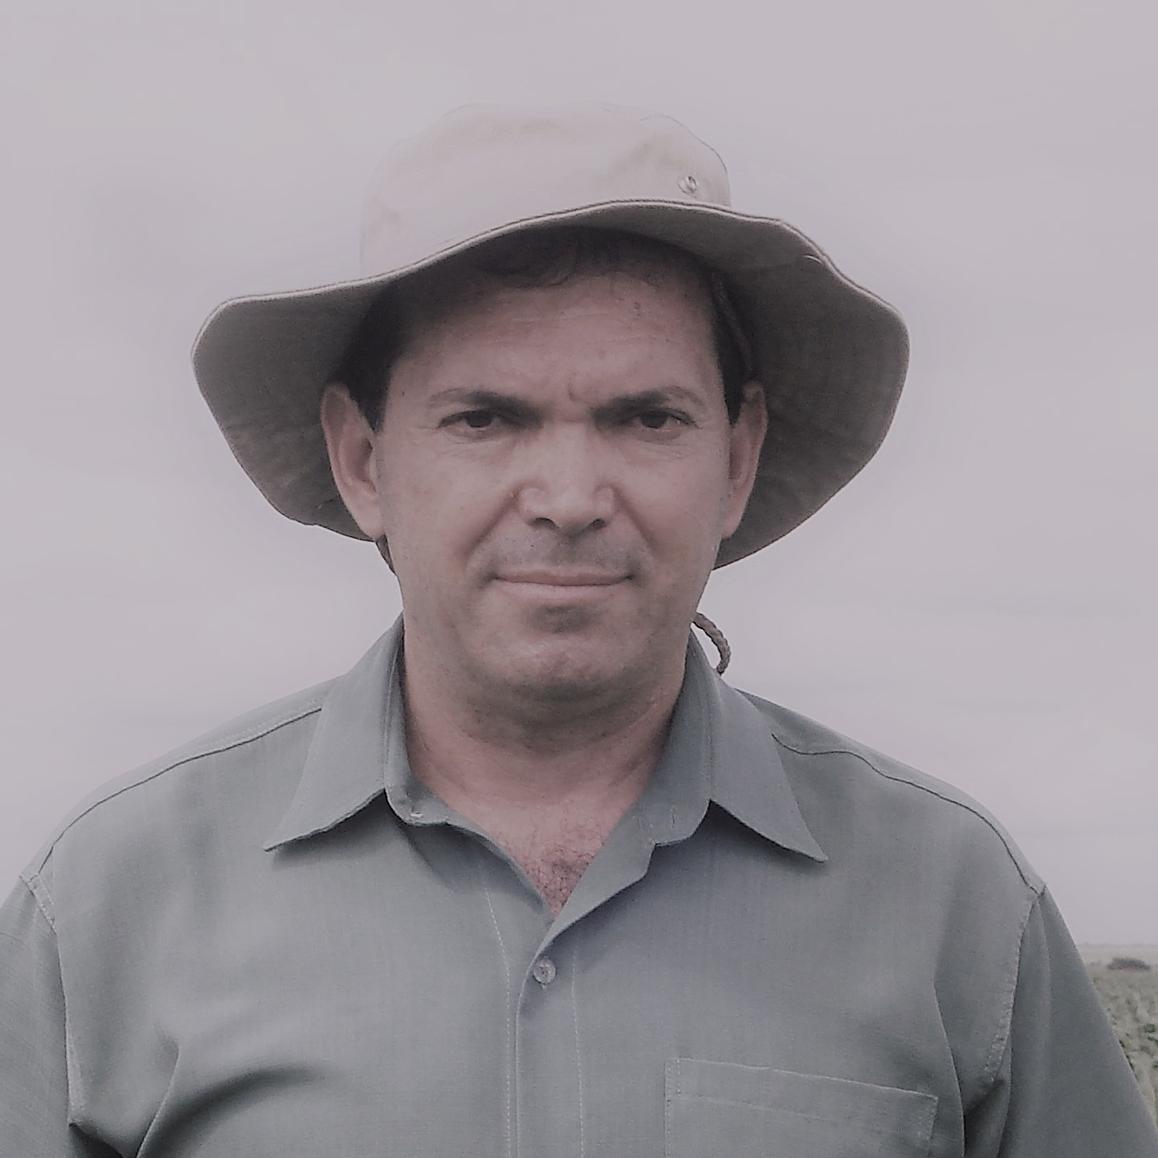 Aildson Pereira Duarte